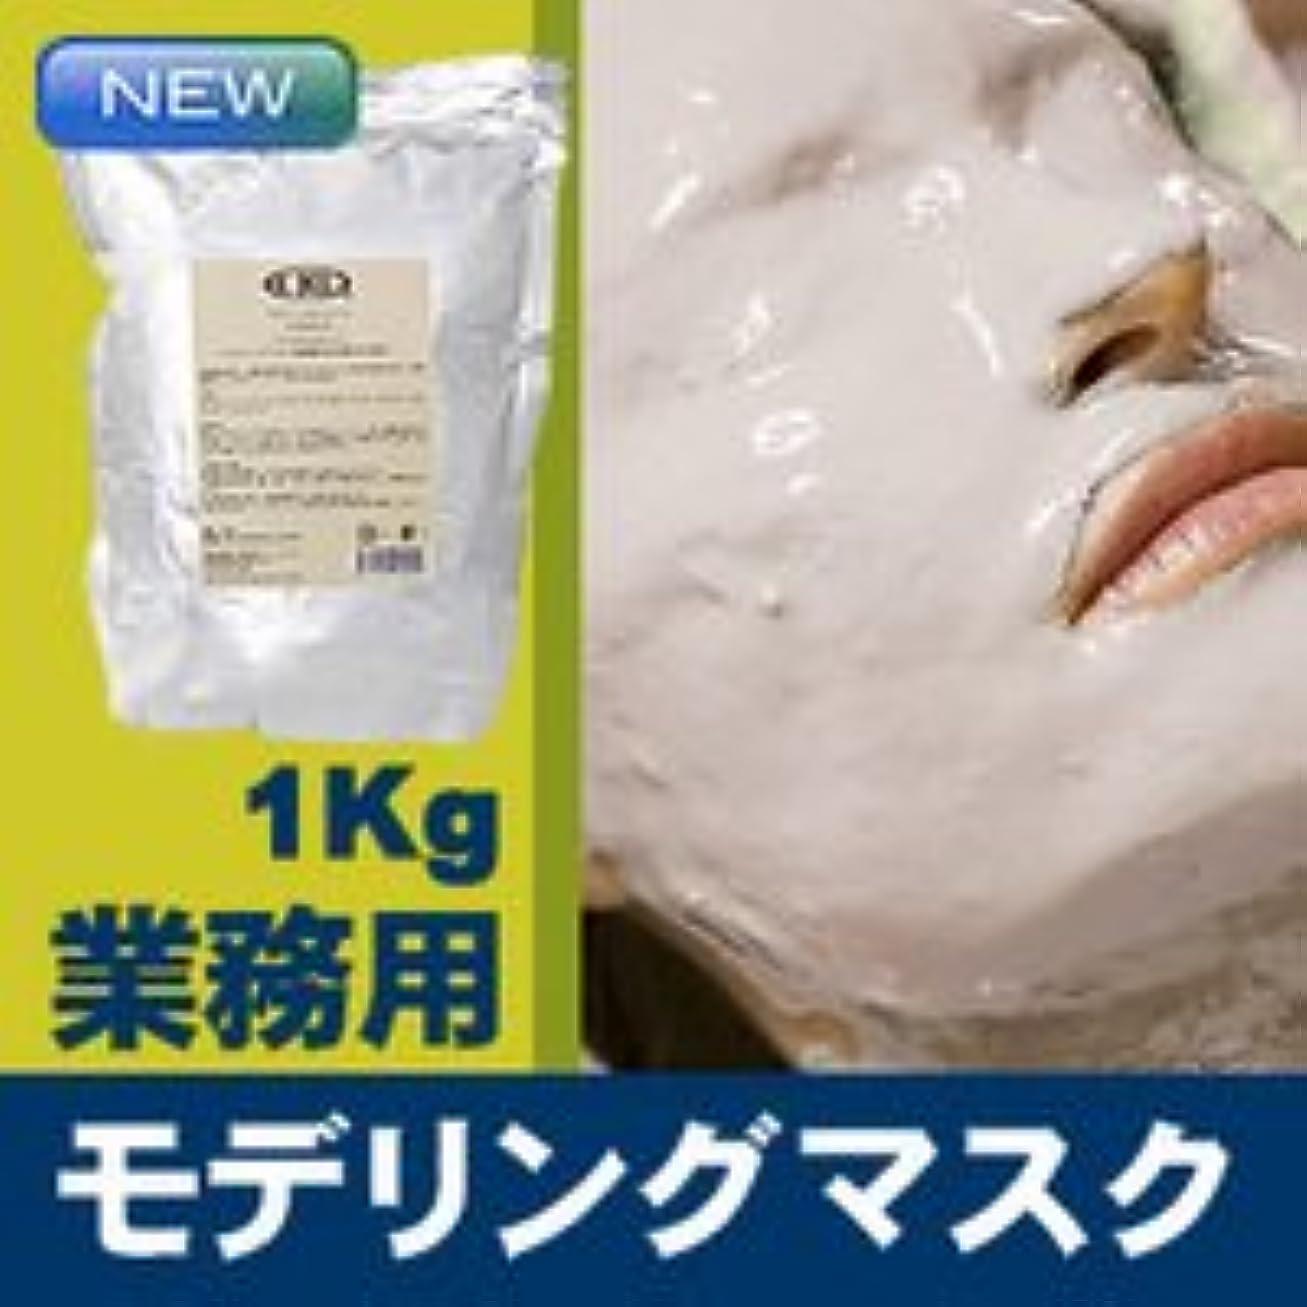 エキゾチック狐排泄するモデリングマスク 1Kg ビタミンC配合(ゴールデンオレンジ) / フェイスマスク?パック 【ピールオフマスク】